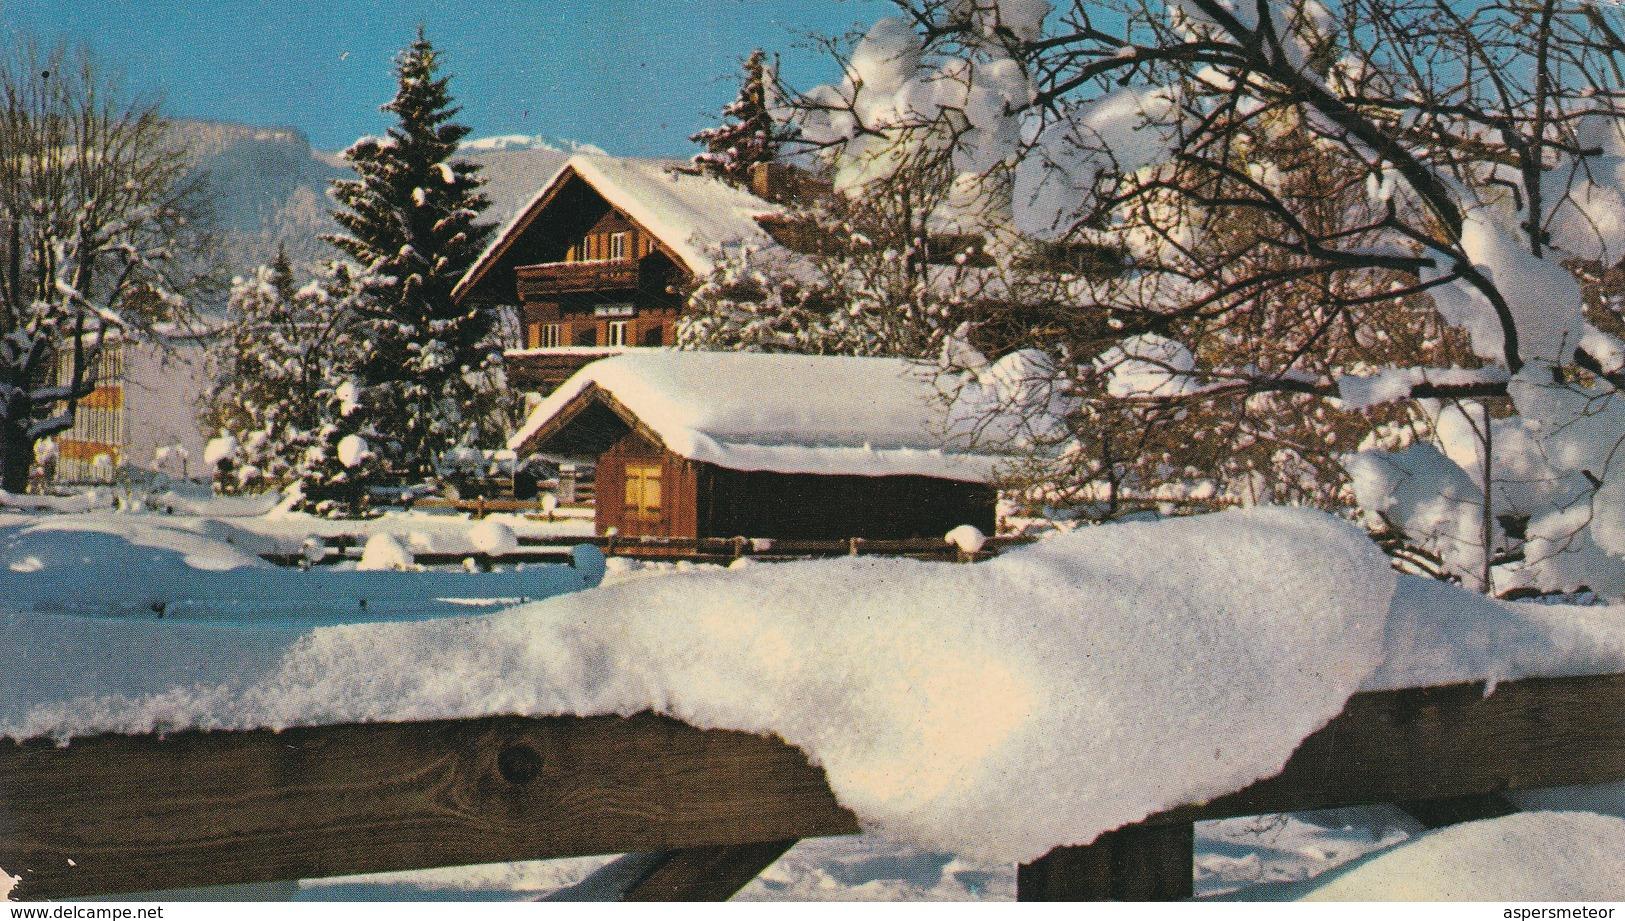 BARILOCHE. PAISAJE NEVADO. COLOR POST CARD. LANDSCAPE PAYSAGE SNOW WINTER -ARGENTINE-BLEUP - Argentina